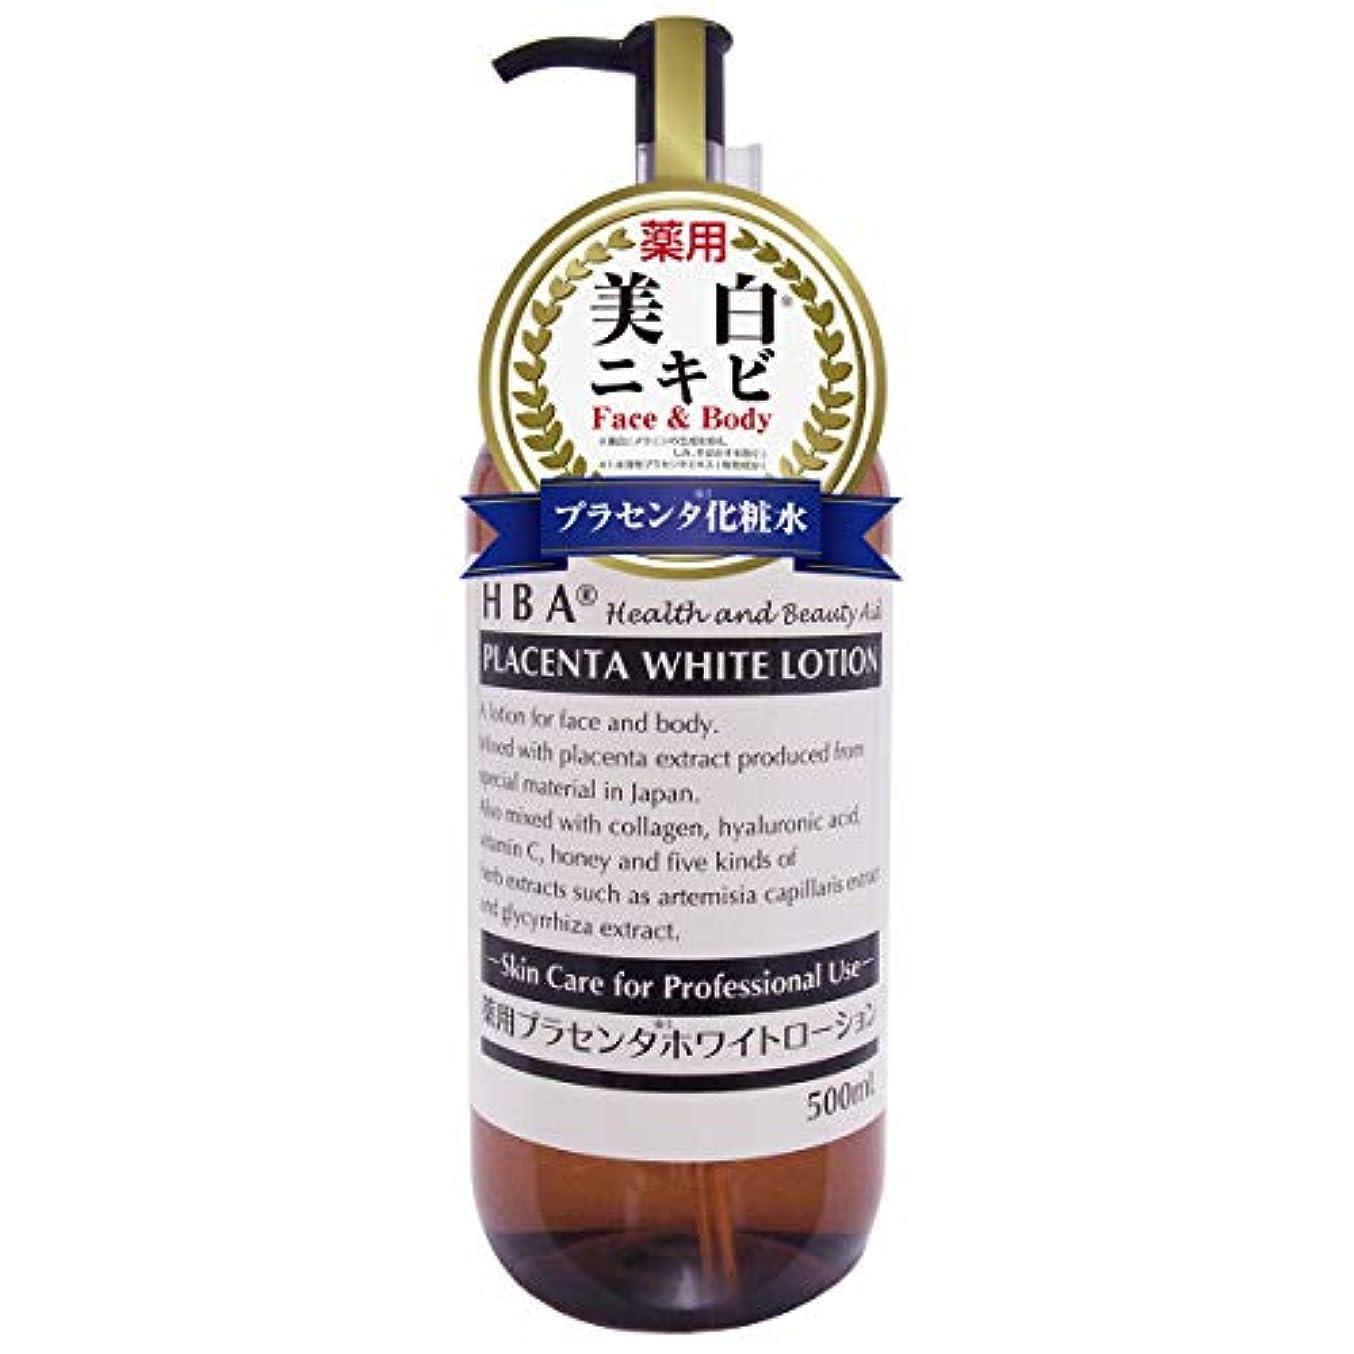 乱雑な親指ヘルパーHBA 薬用プラセンタ ホワイトローション (500mL)